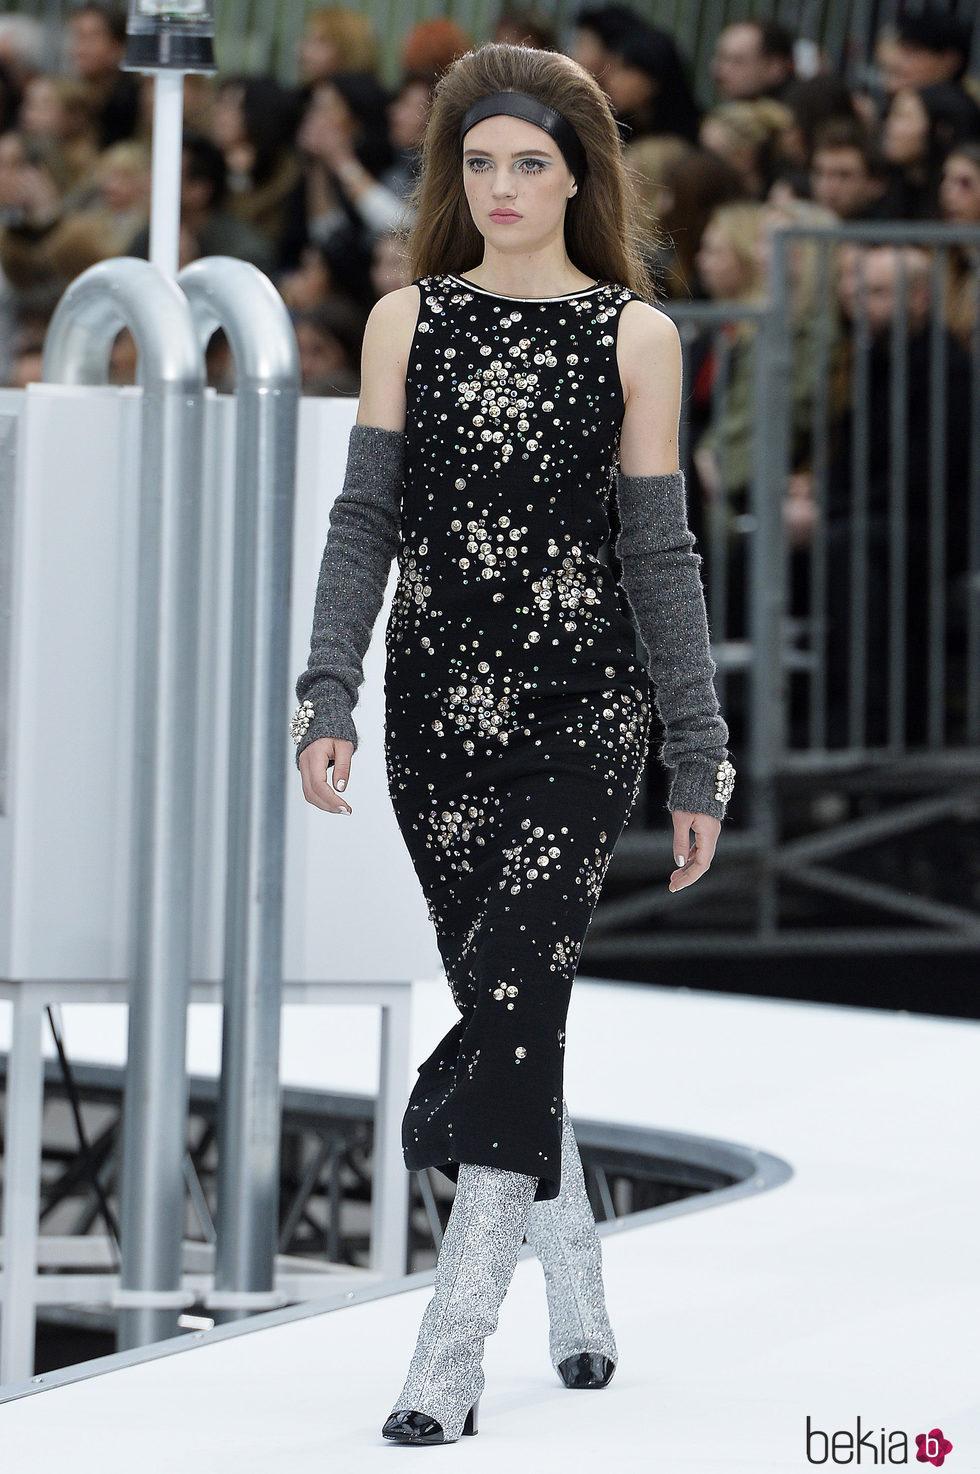 Vestido negro estampado de Chanel otooinvierno 20172018